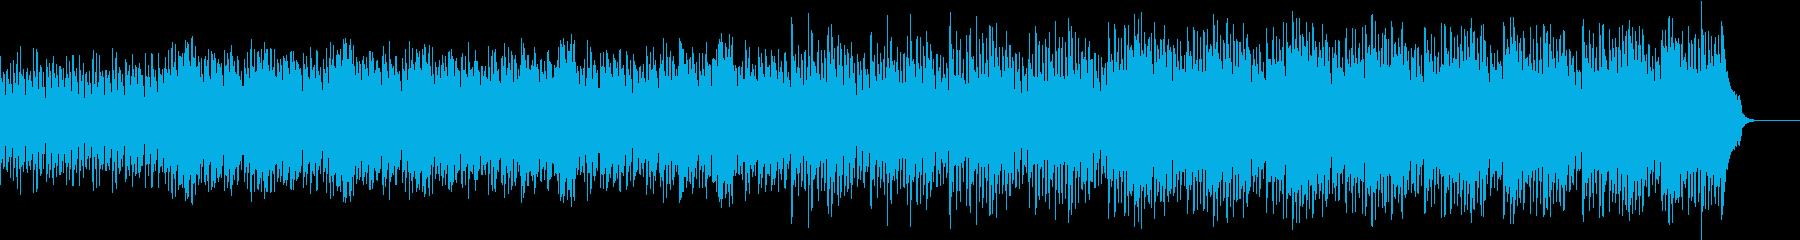 森のファンタジーを表現したオーケストラの再生済みの波形